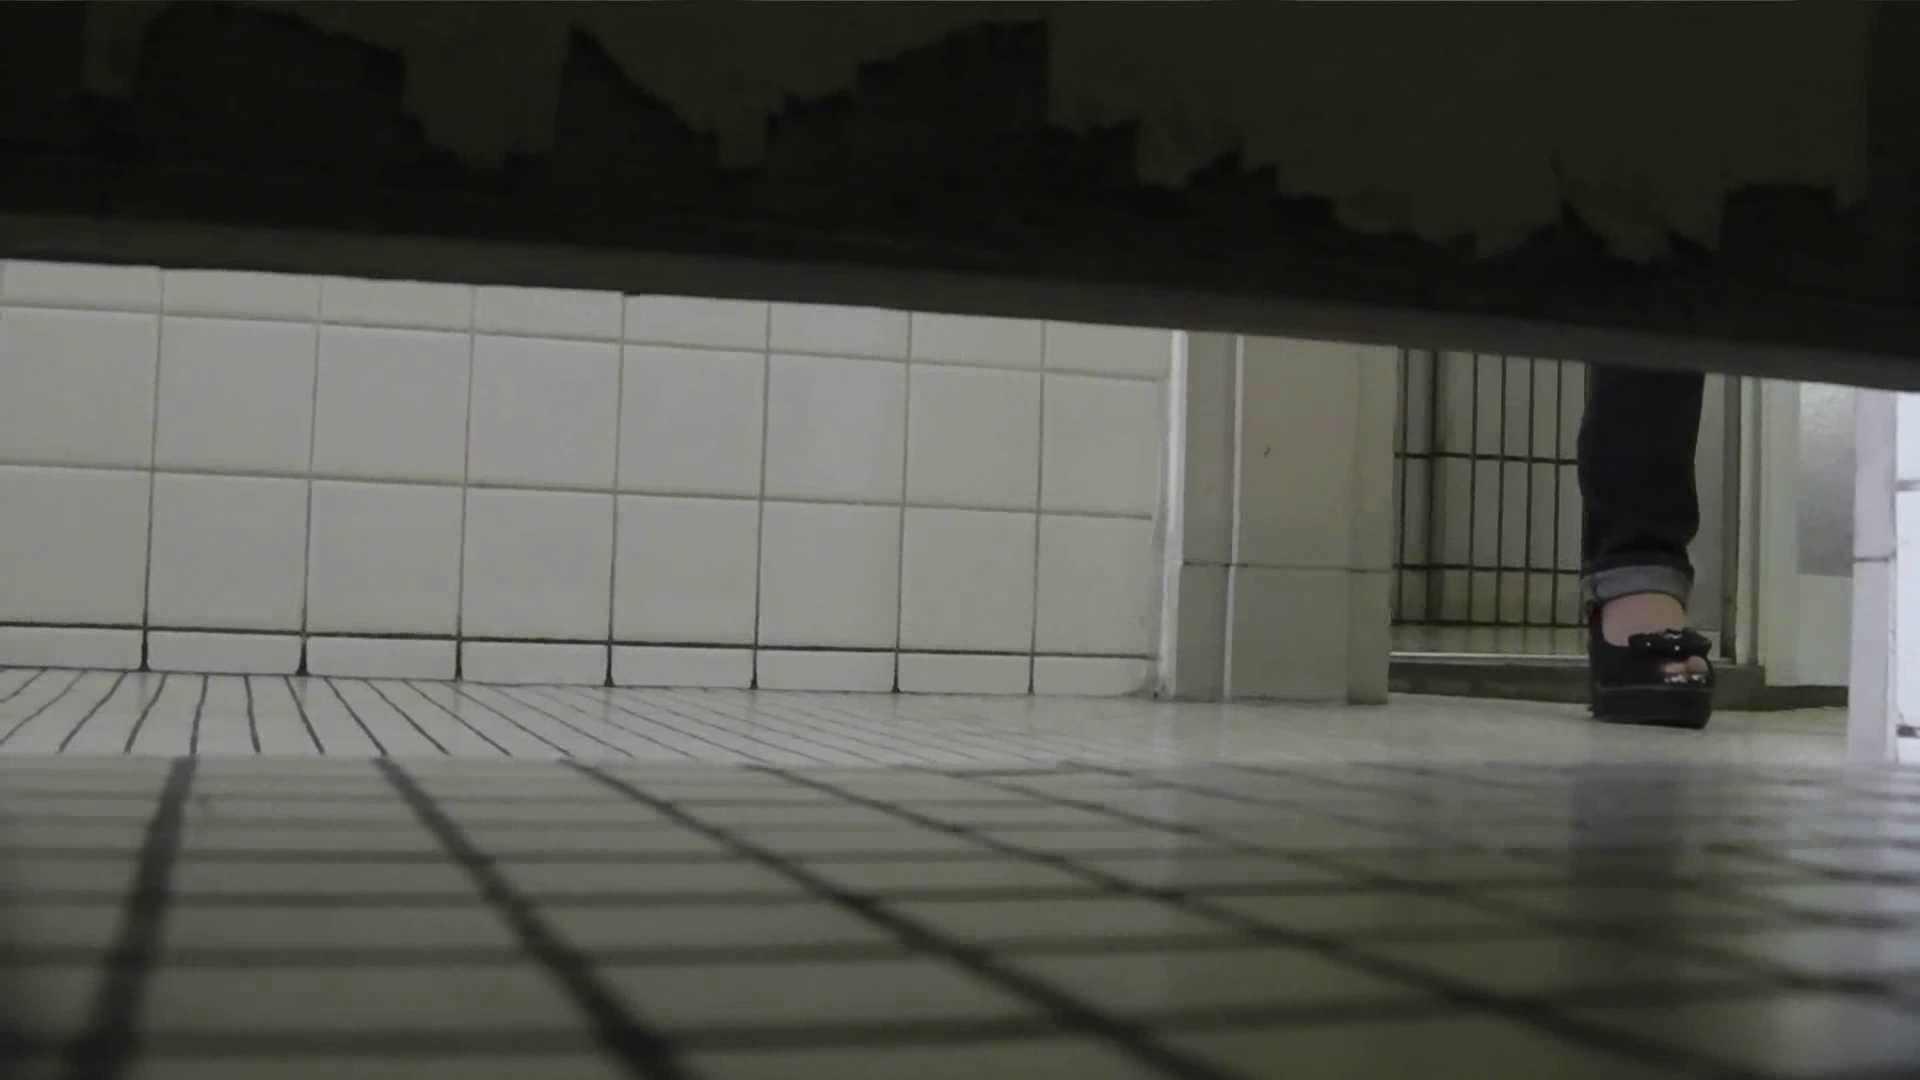 【美しき個室な世界】 vol.022 ヒクヒクさんたち OLの実態  92pic 46